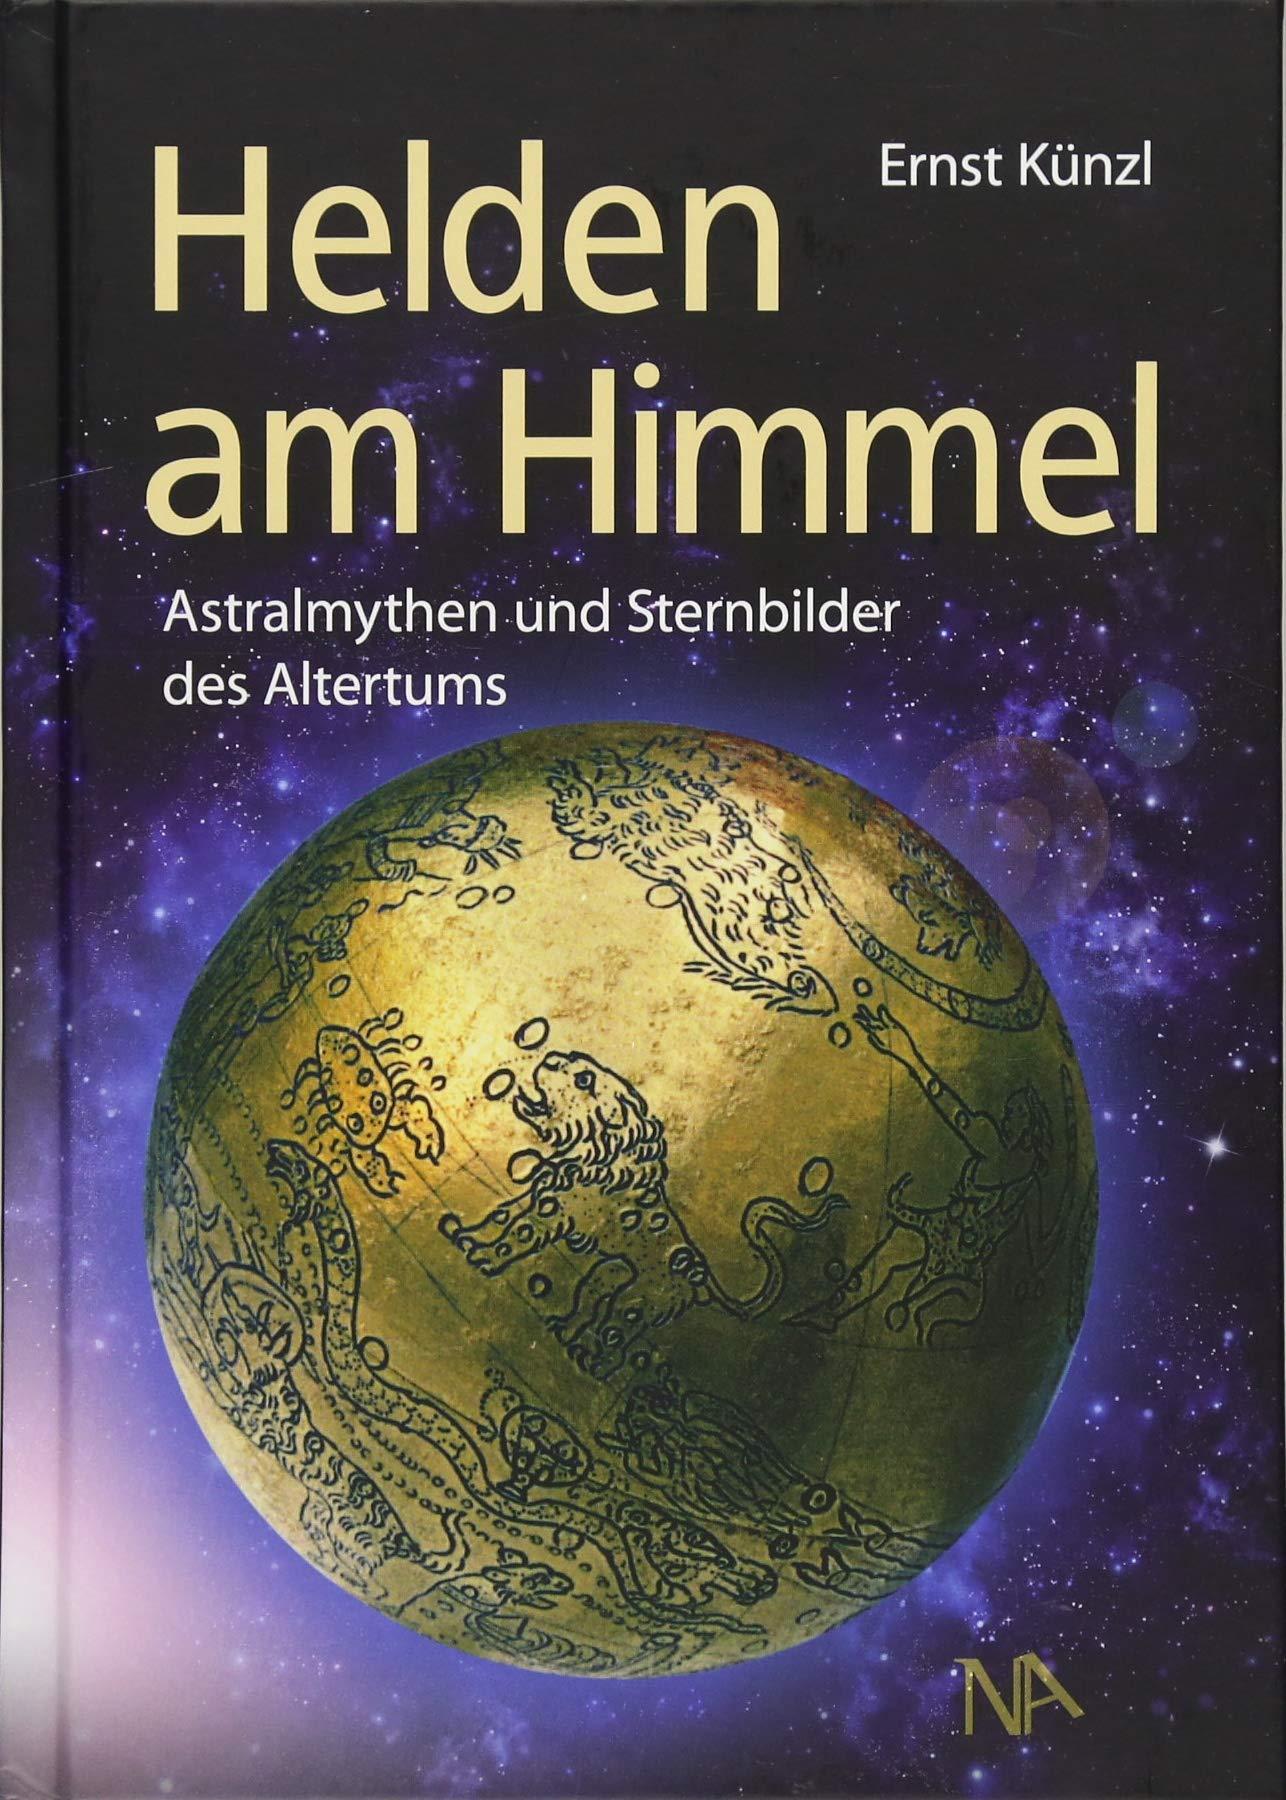 Helden am Himmel: Astralmythen und Sternbilder des Altertums